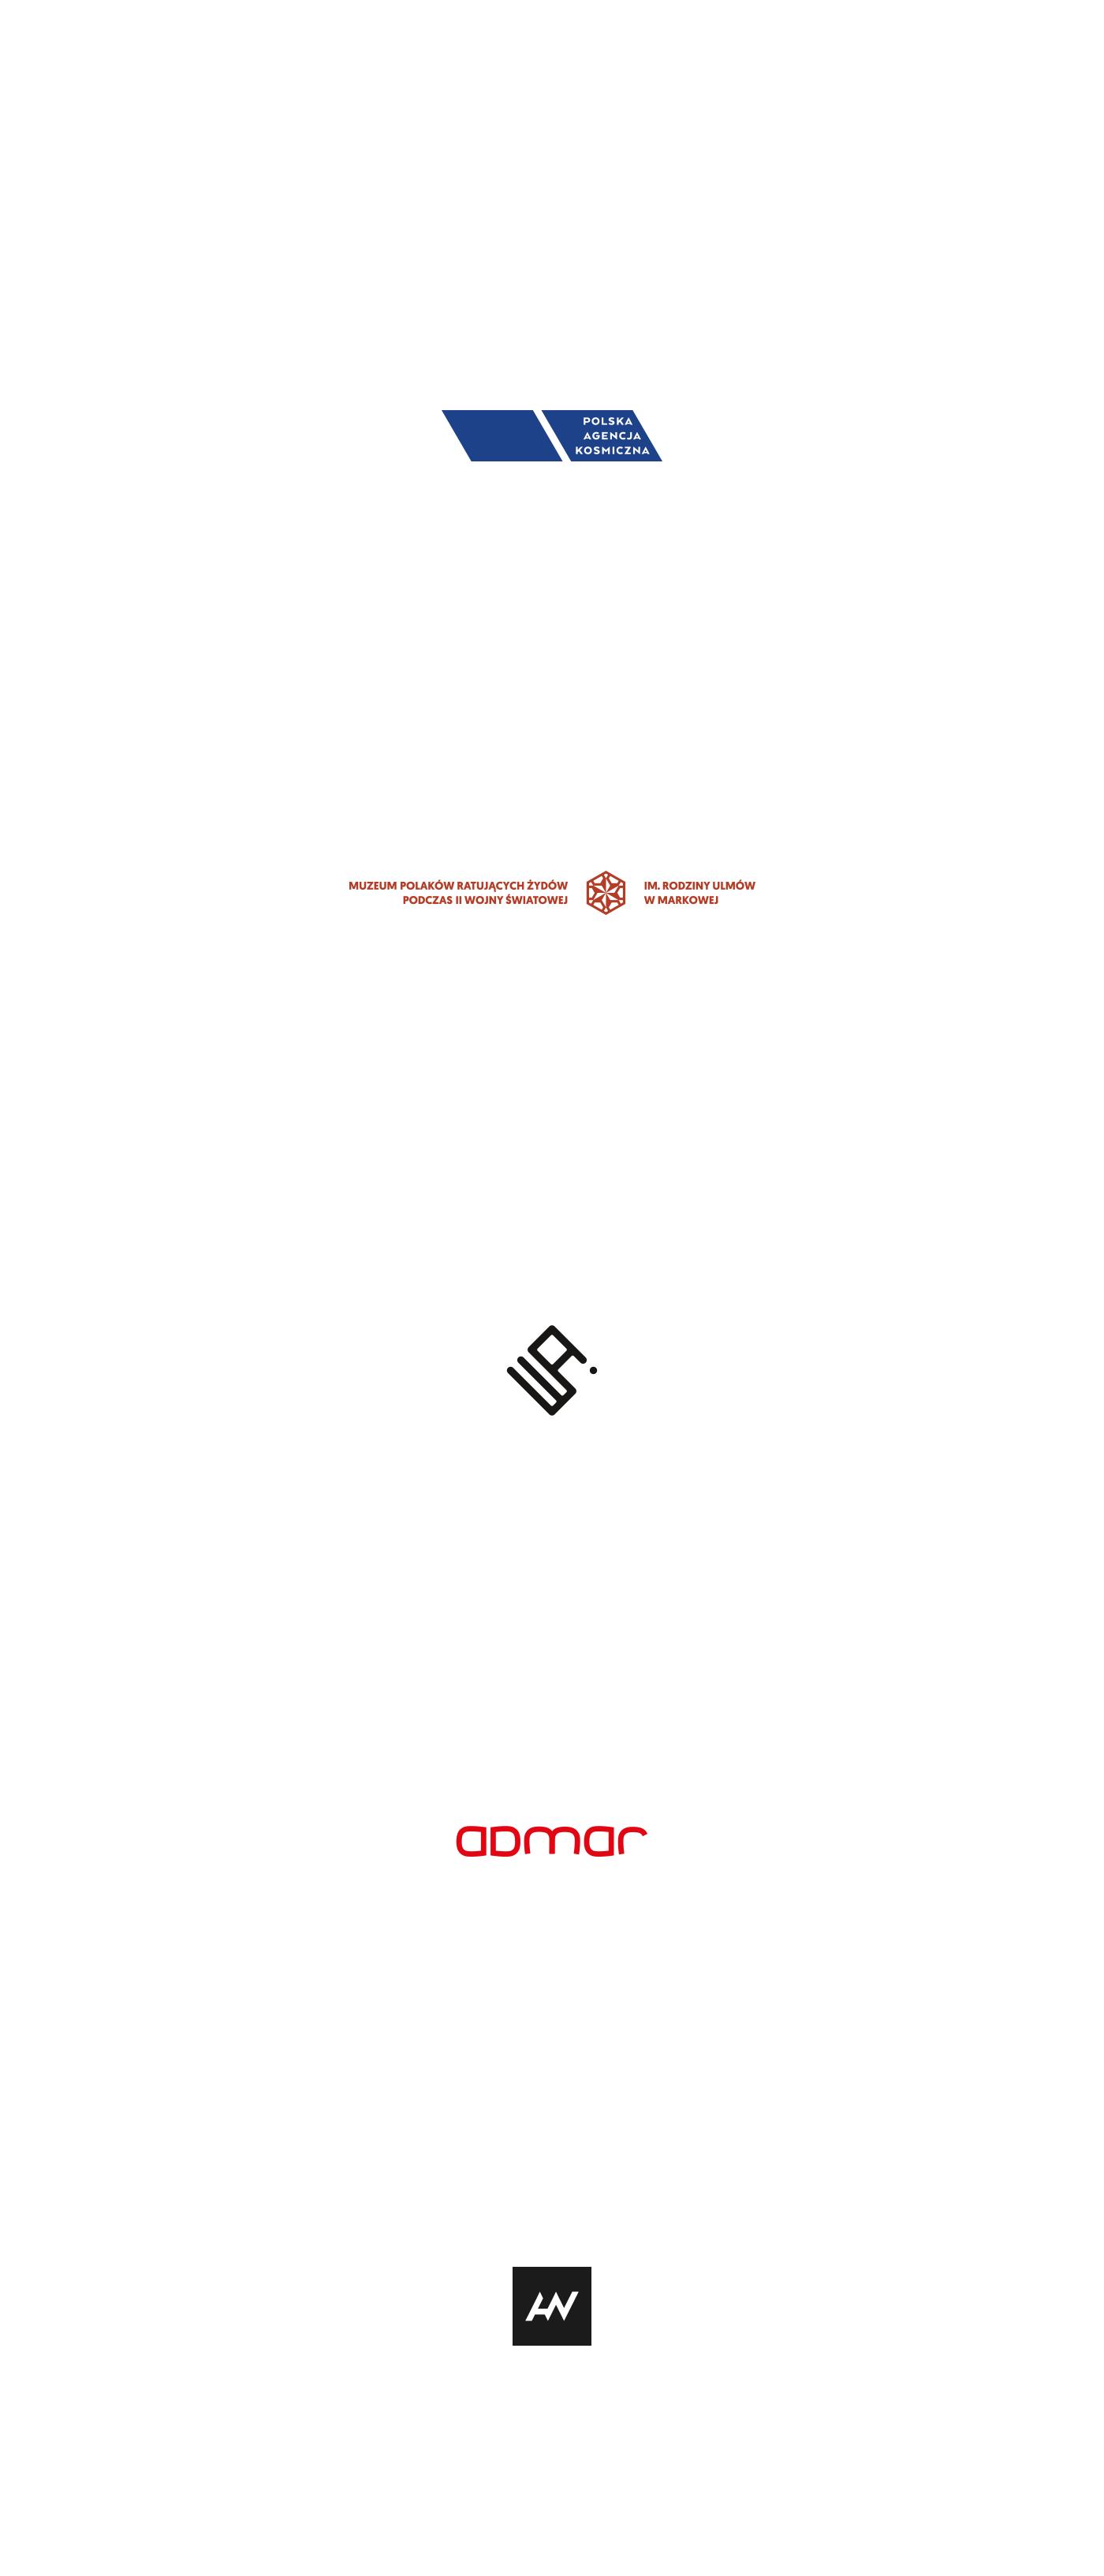 logo logos logotyp Logotype brand identity